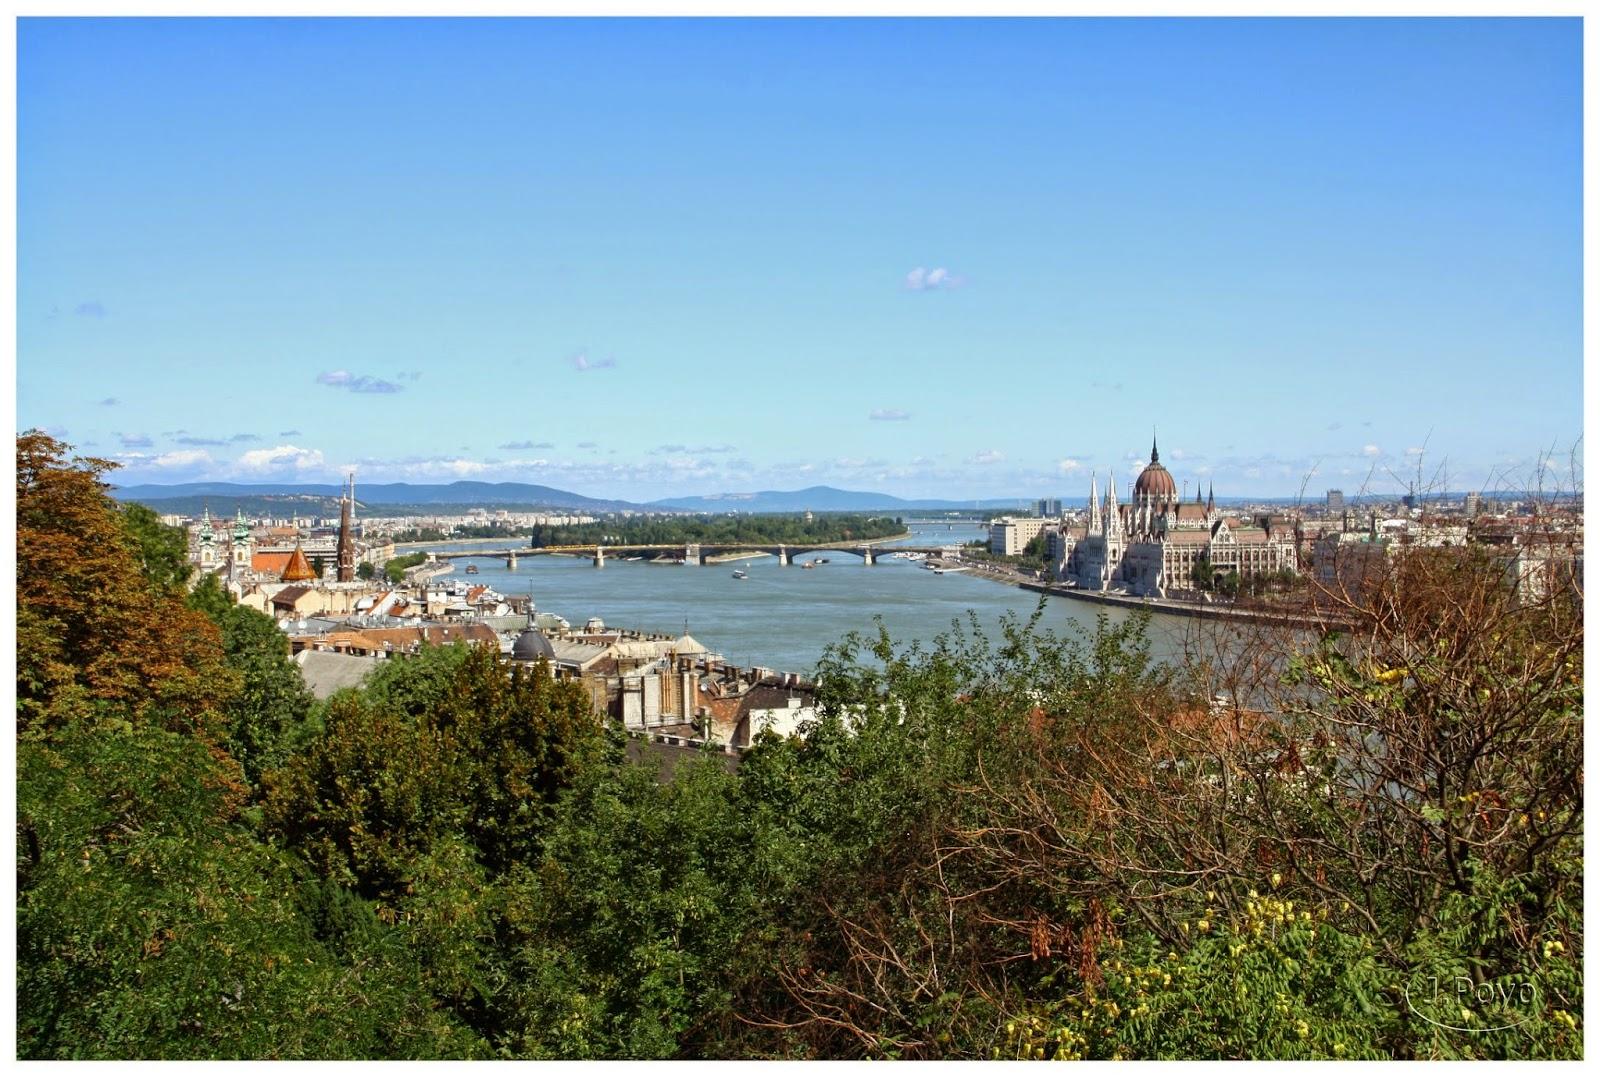 El Danubio y el Parlamento desde el Palacio Real, Budapest